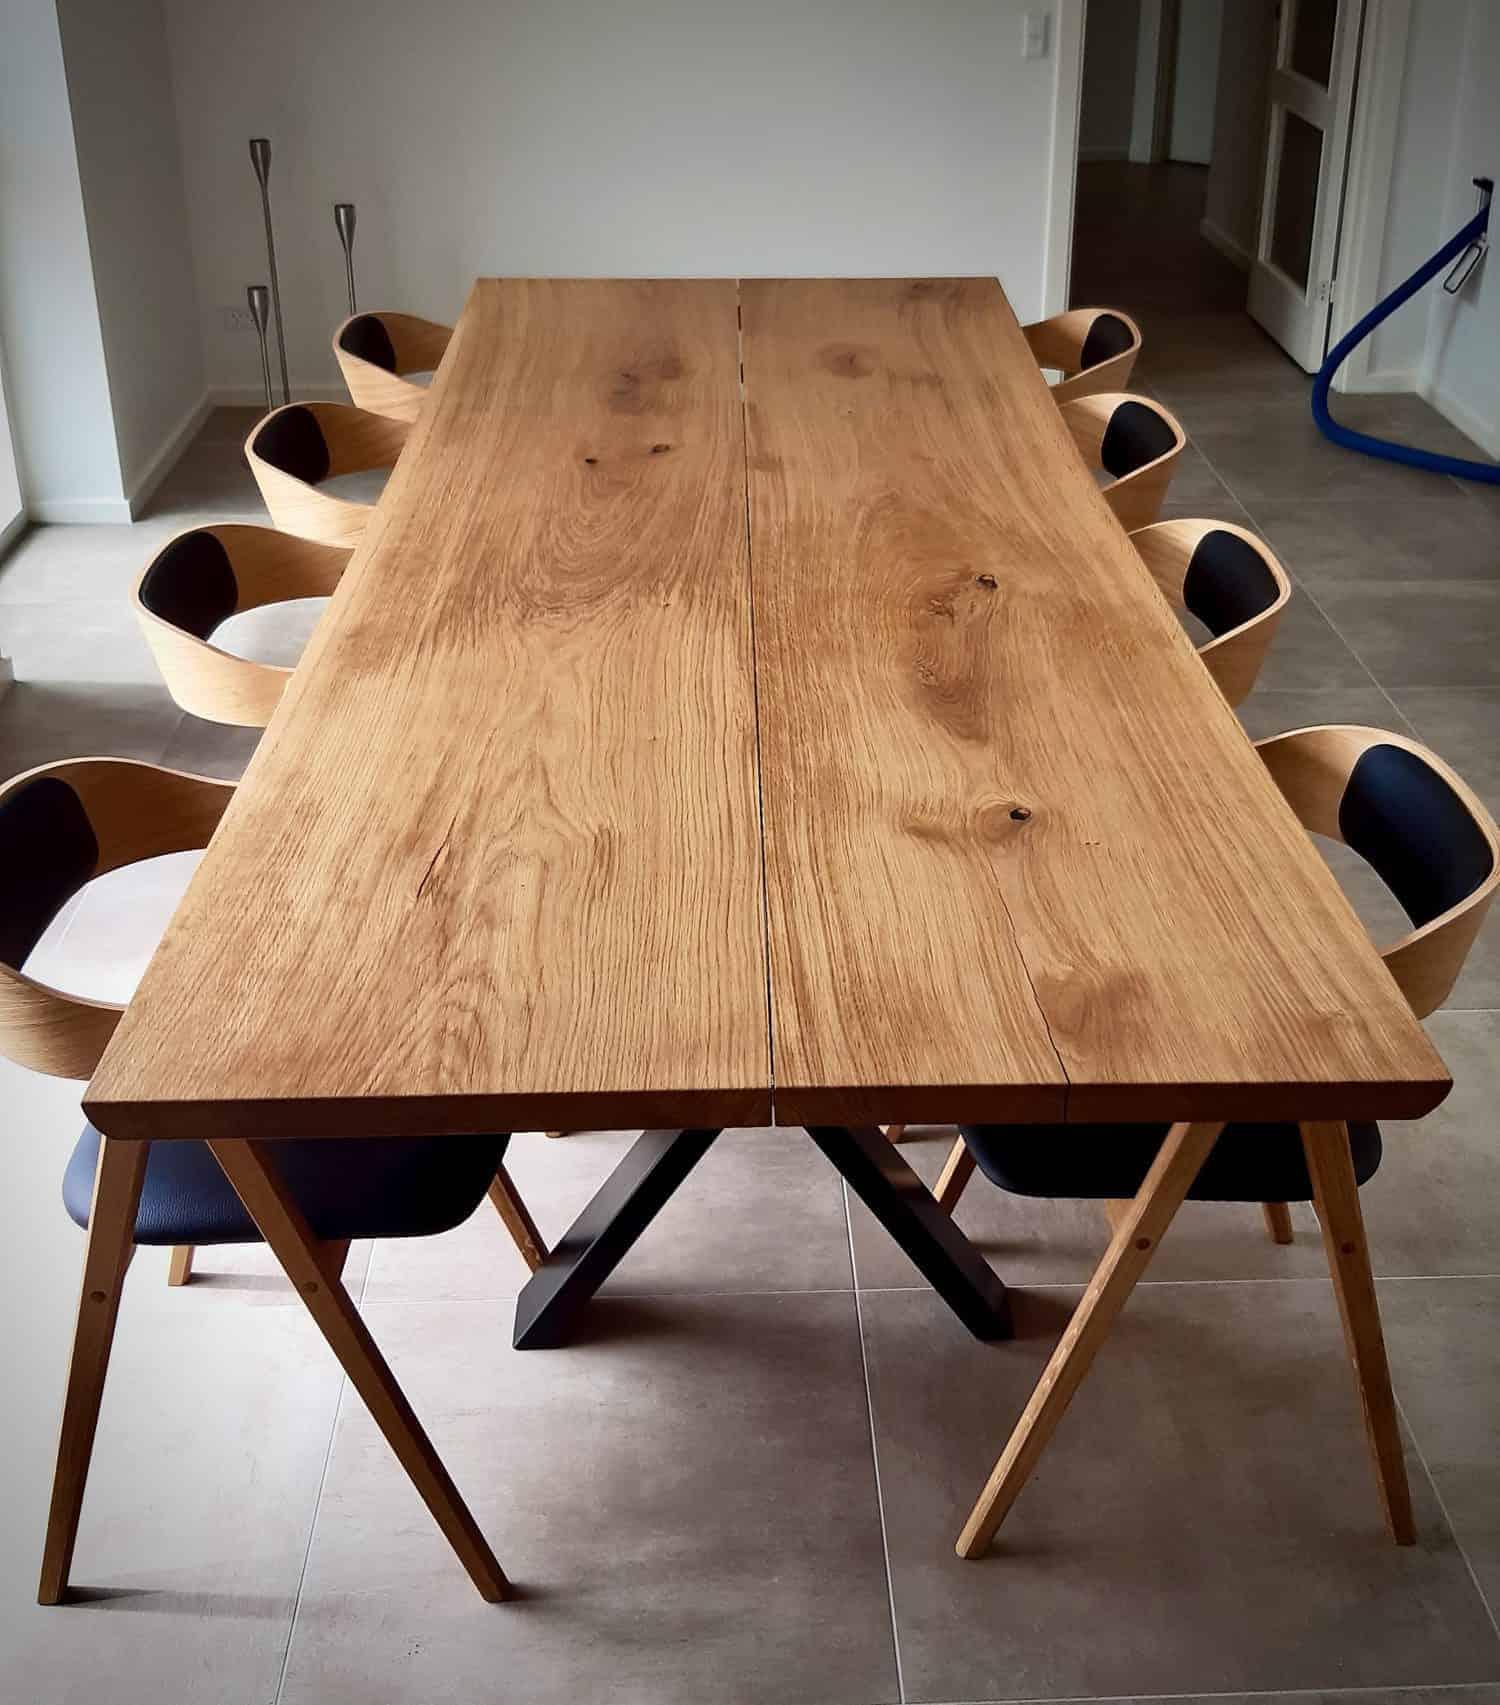 plankebord planke bord i trae Kaerbygård september 2020 11 scaled